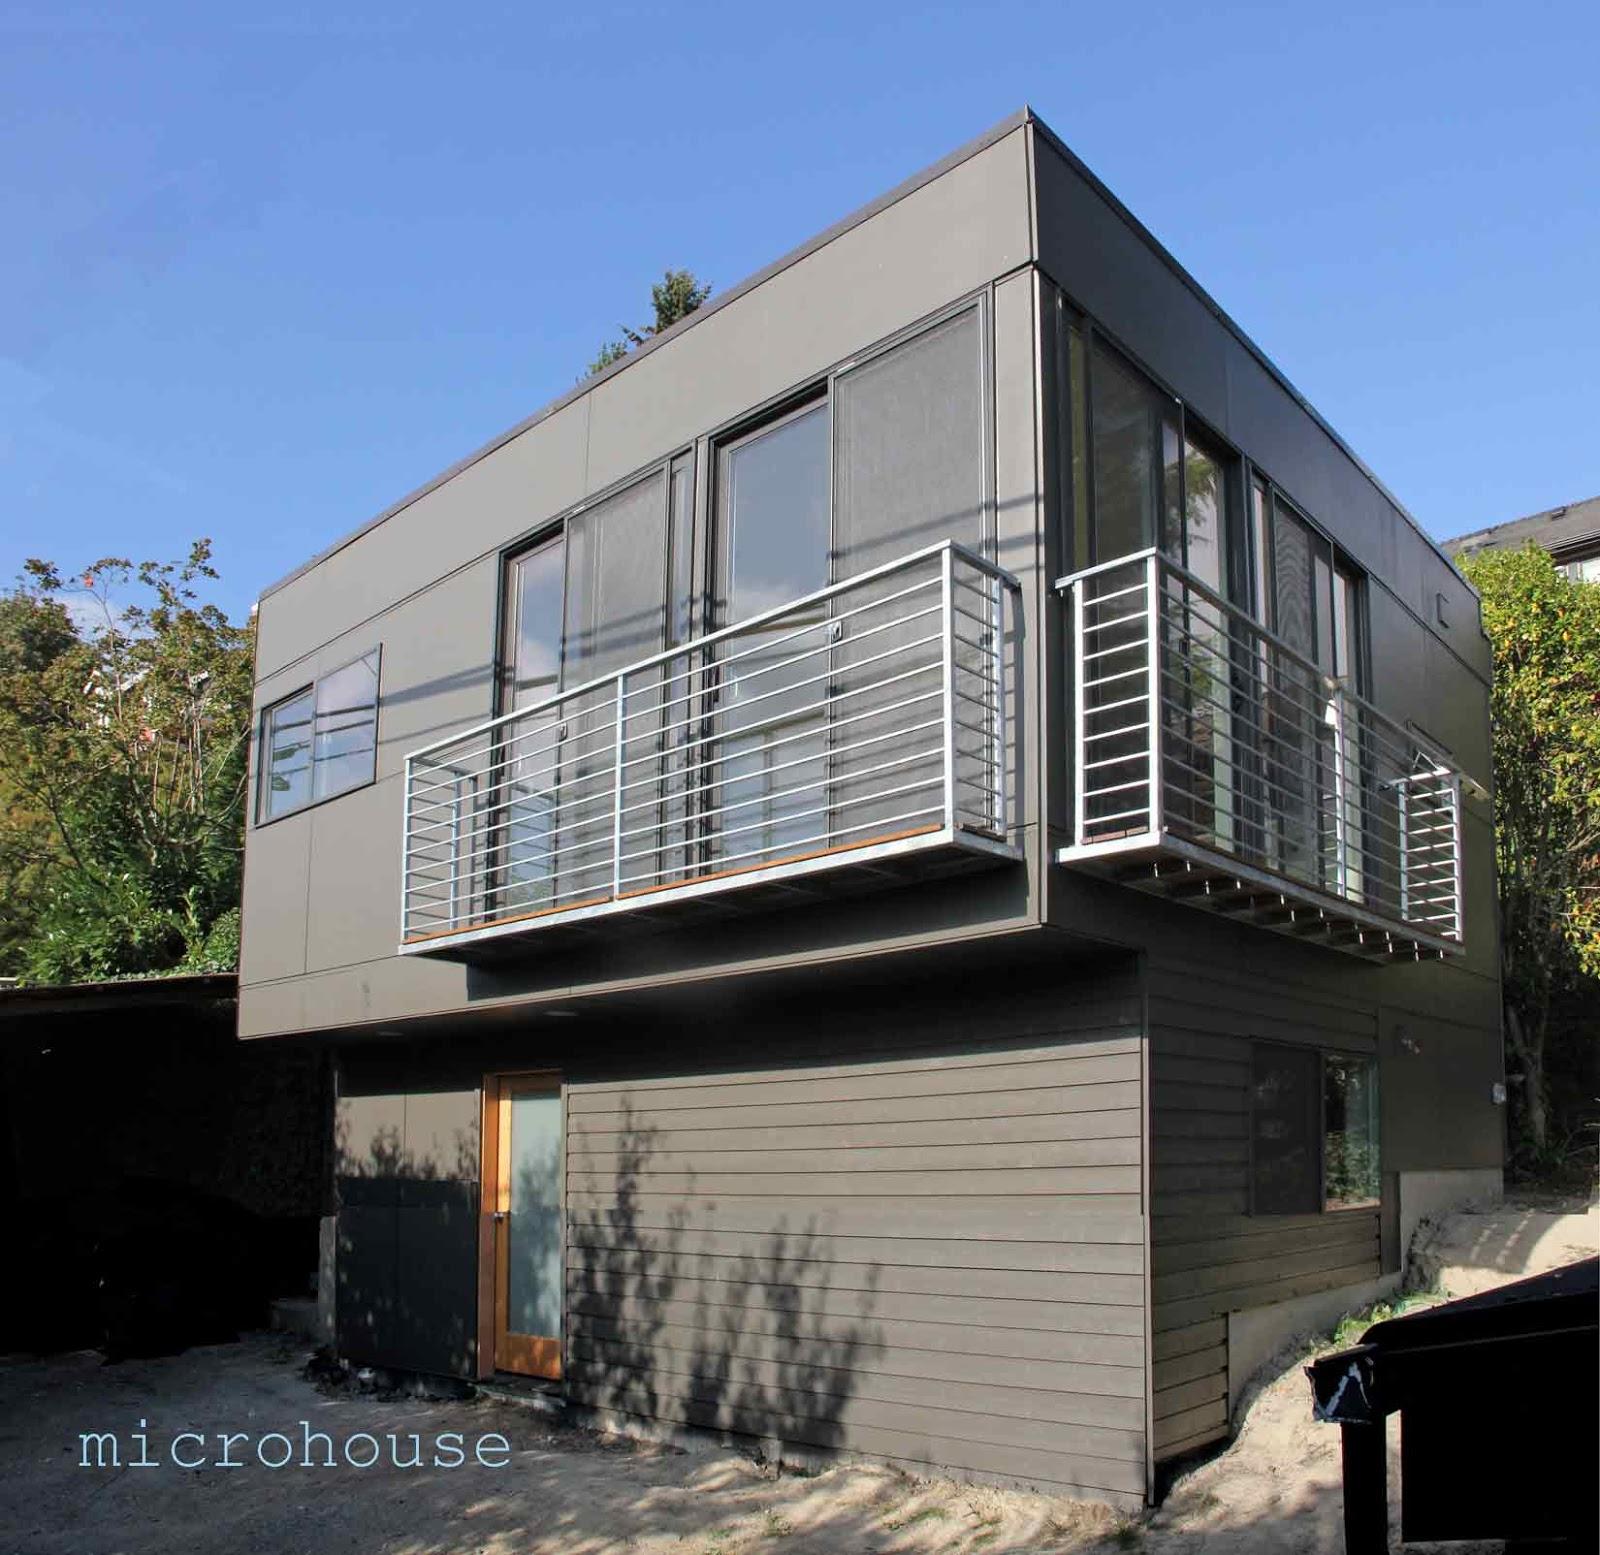 backyard cottage blog: backyard cottage for rent